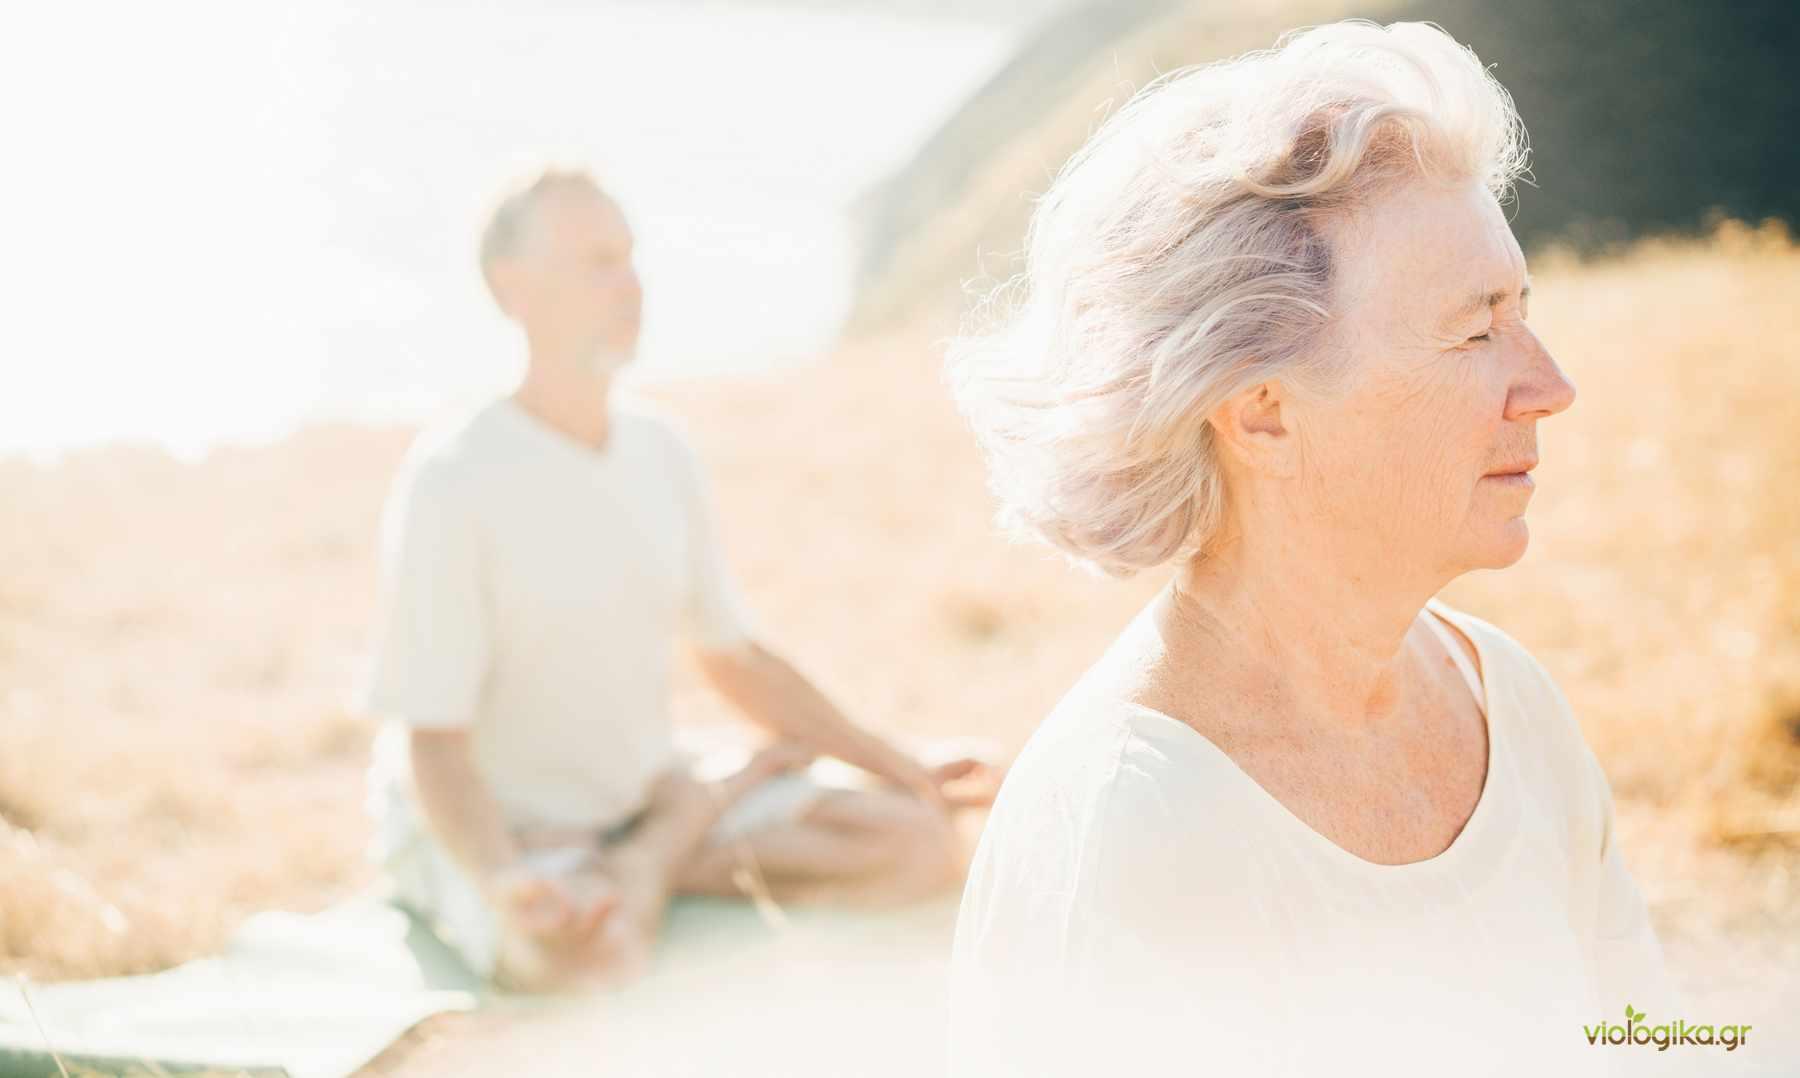 Τα πολλαπλά οφέλη της γιόγκα για τους ηλικιωμένους